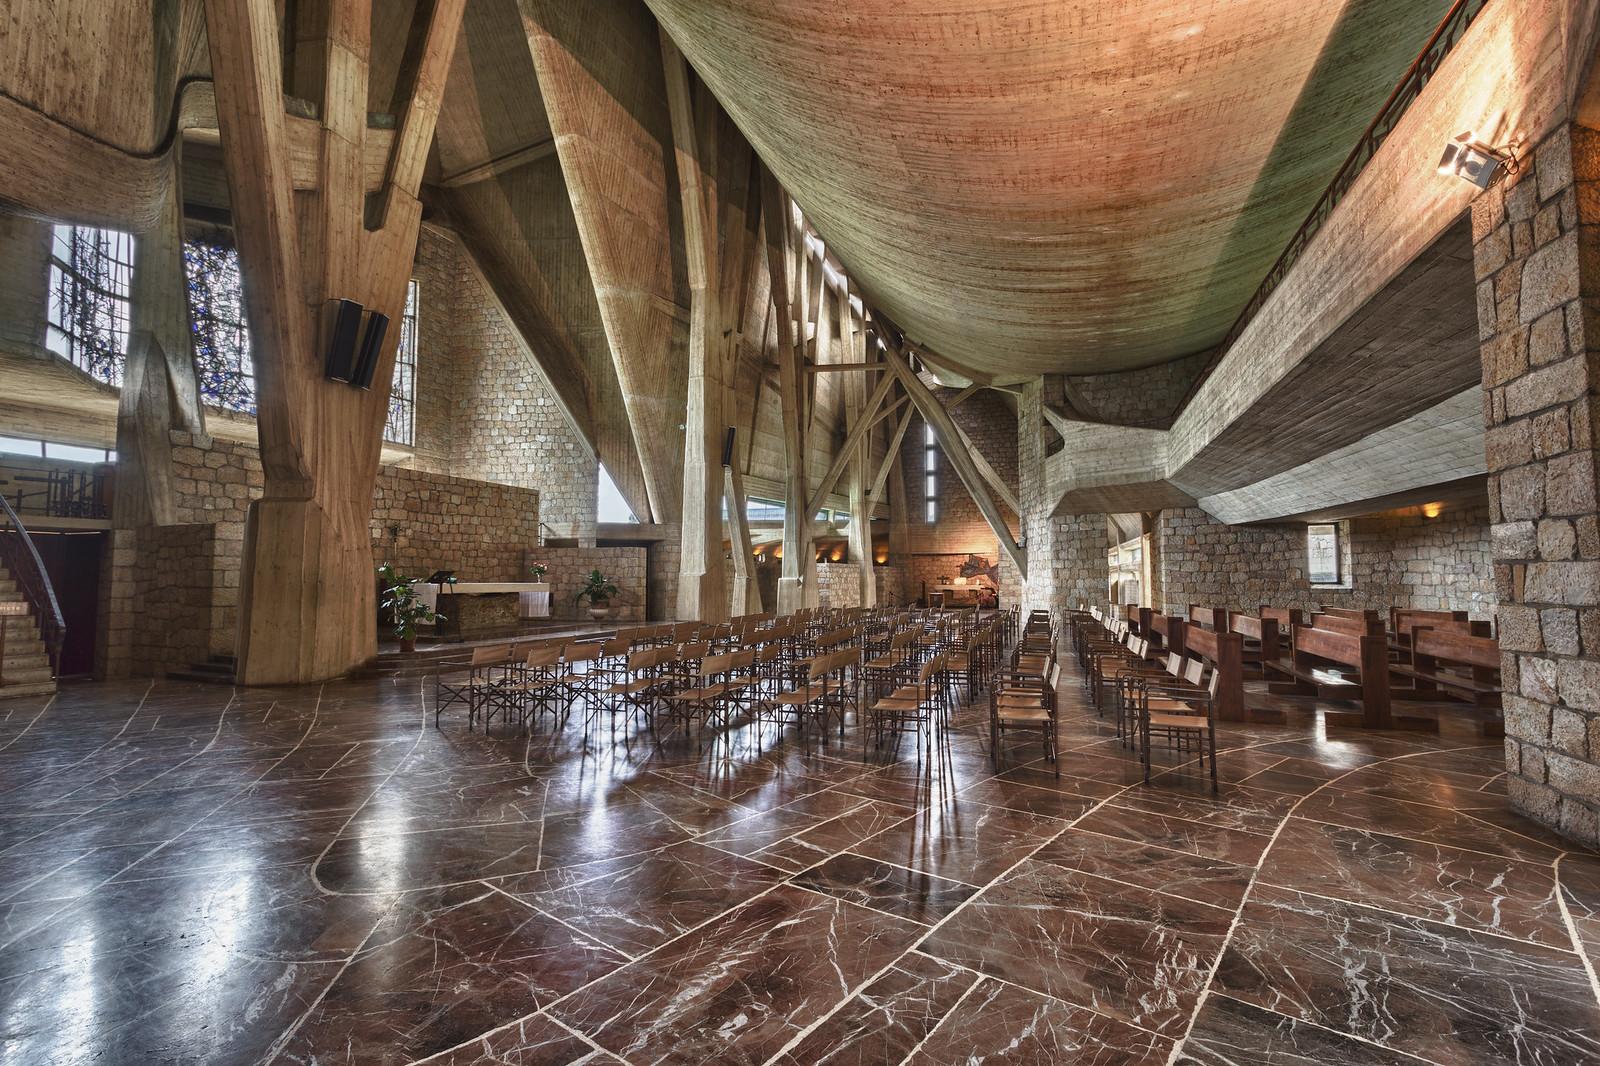 Chiesa dell'Autostrada del Sole, near Florence [1600x1067]